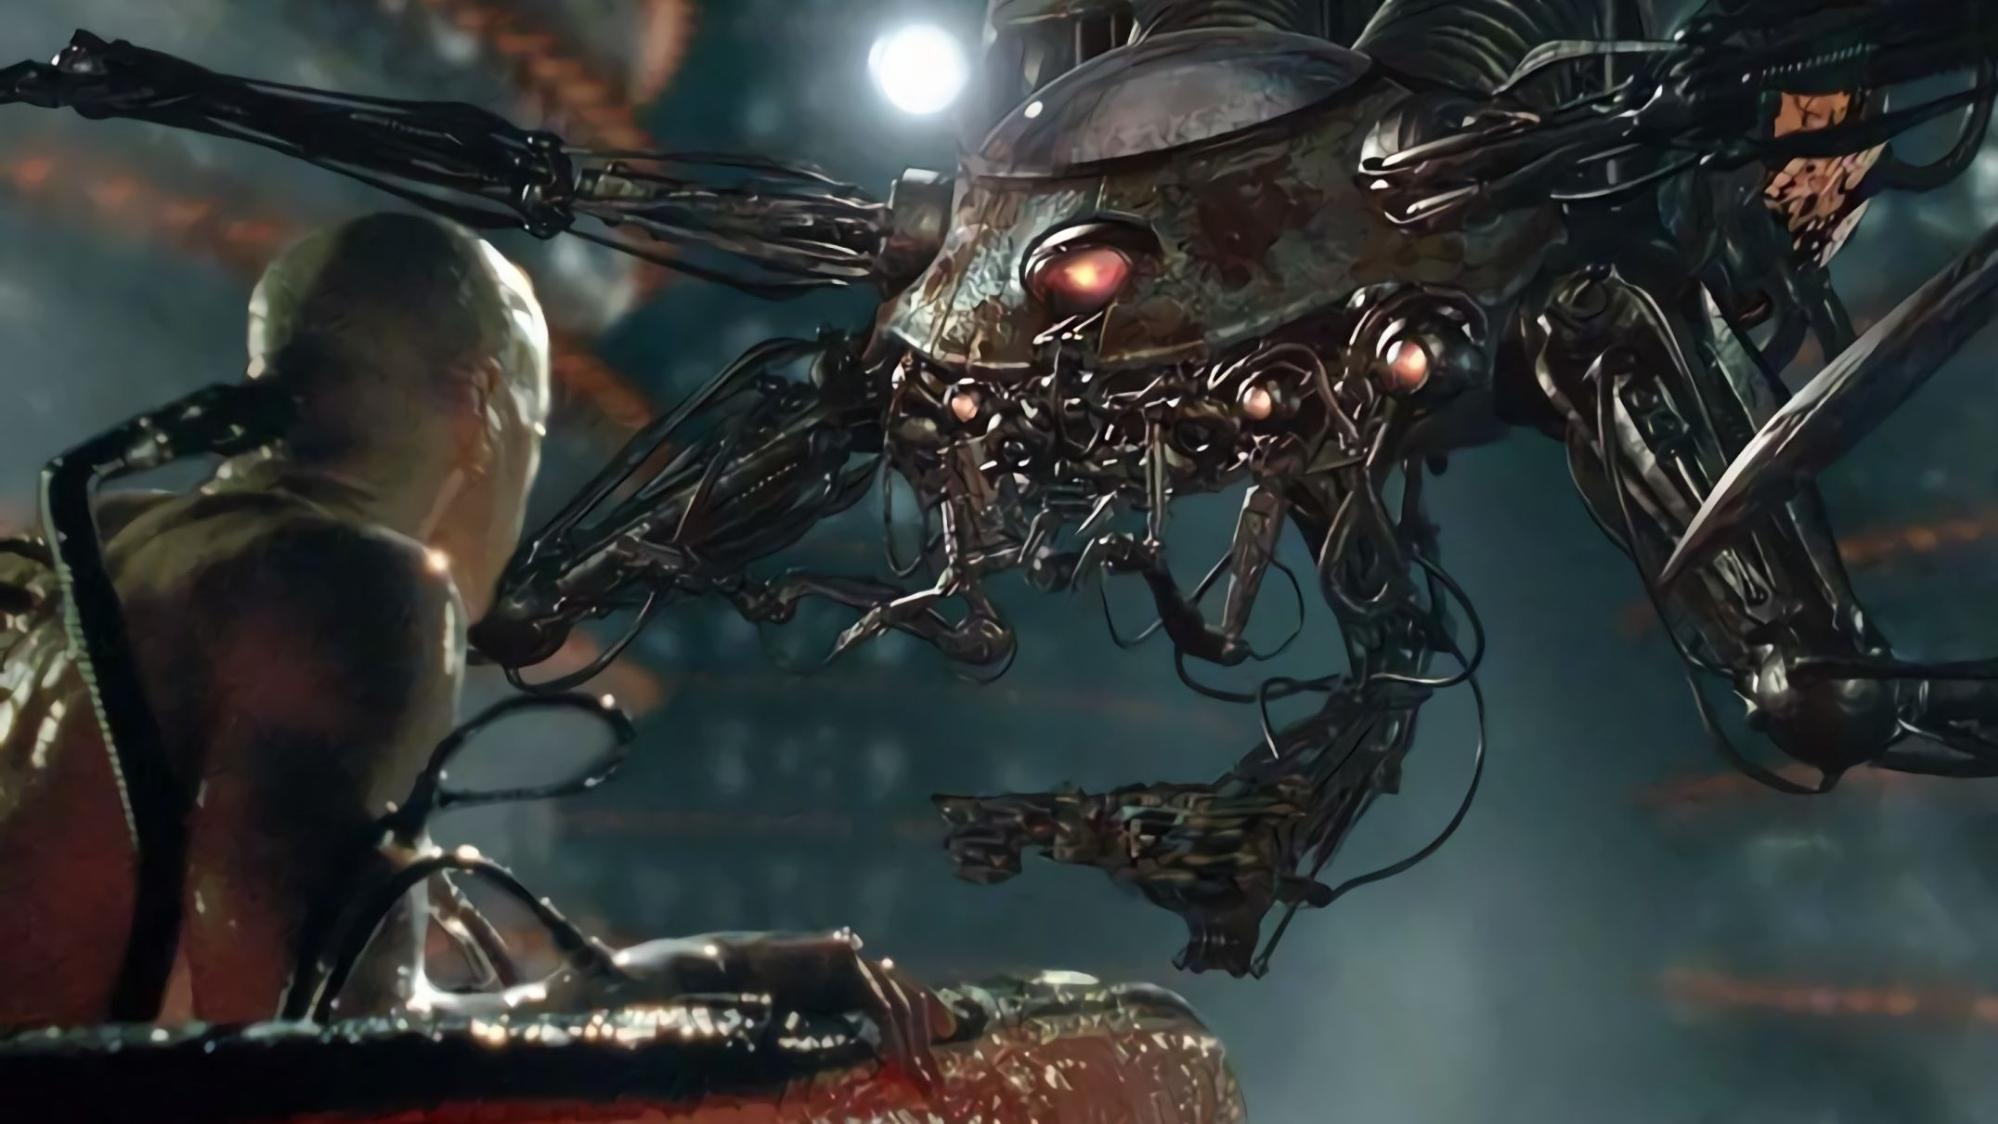 【达奇】这是一个人类被自己的造物打败 并被当做生物电池来培养的世界-《黑客帝国》专题(上)